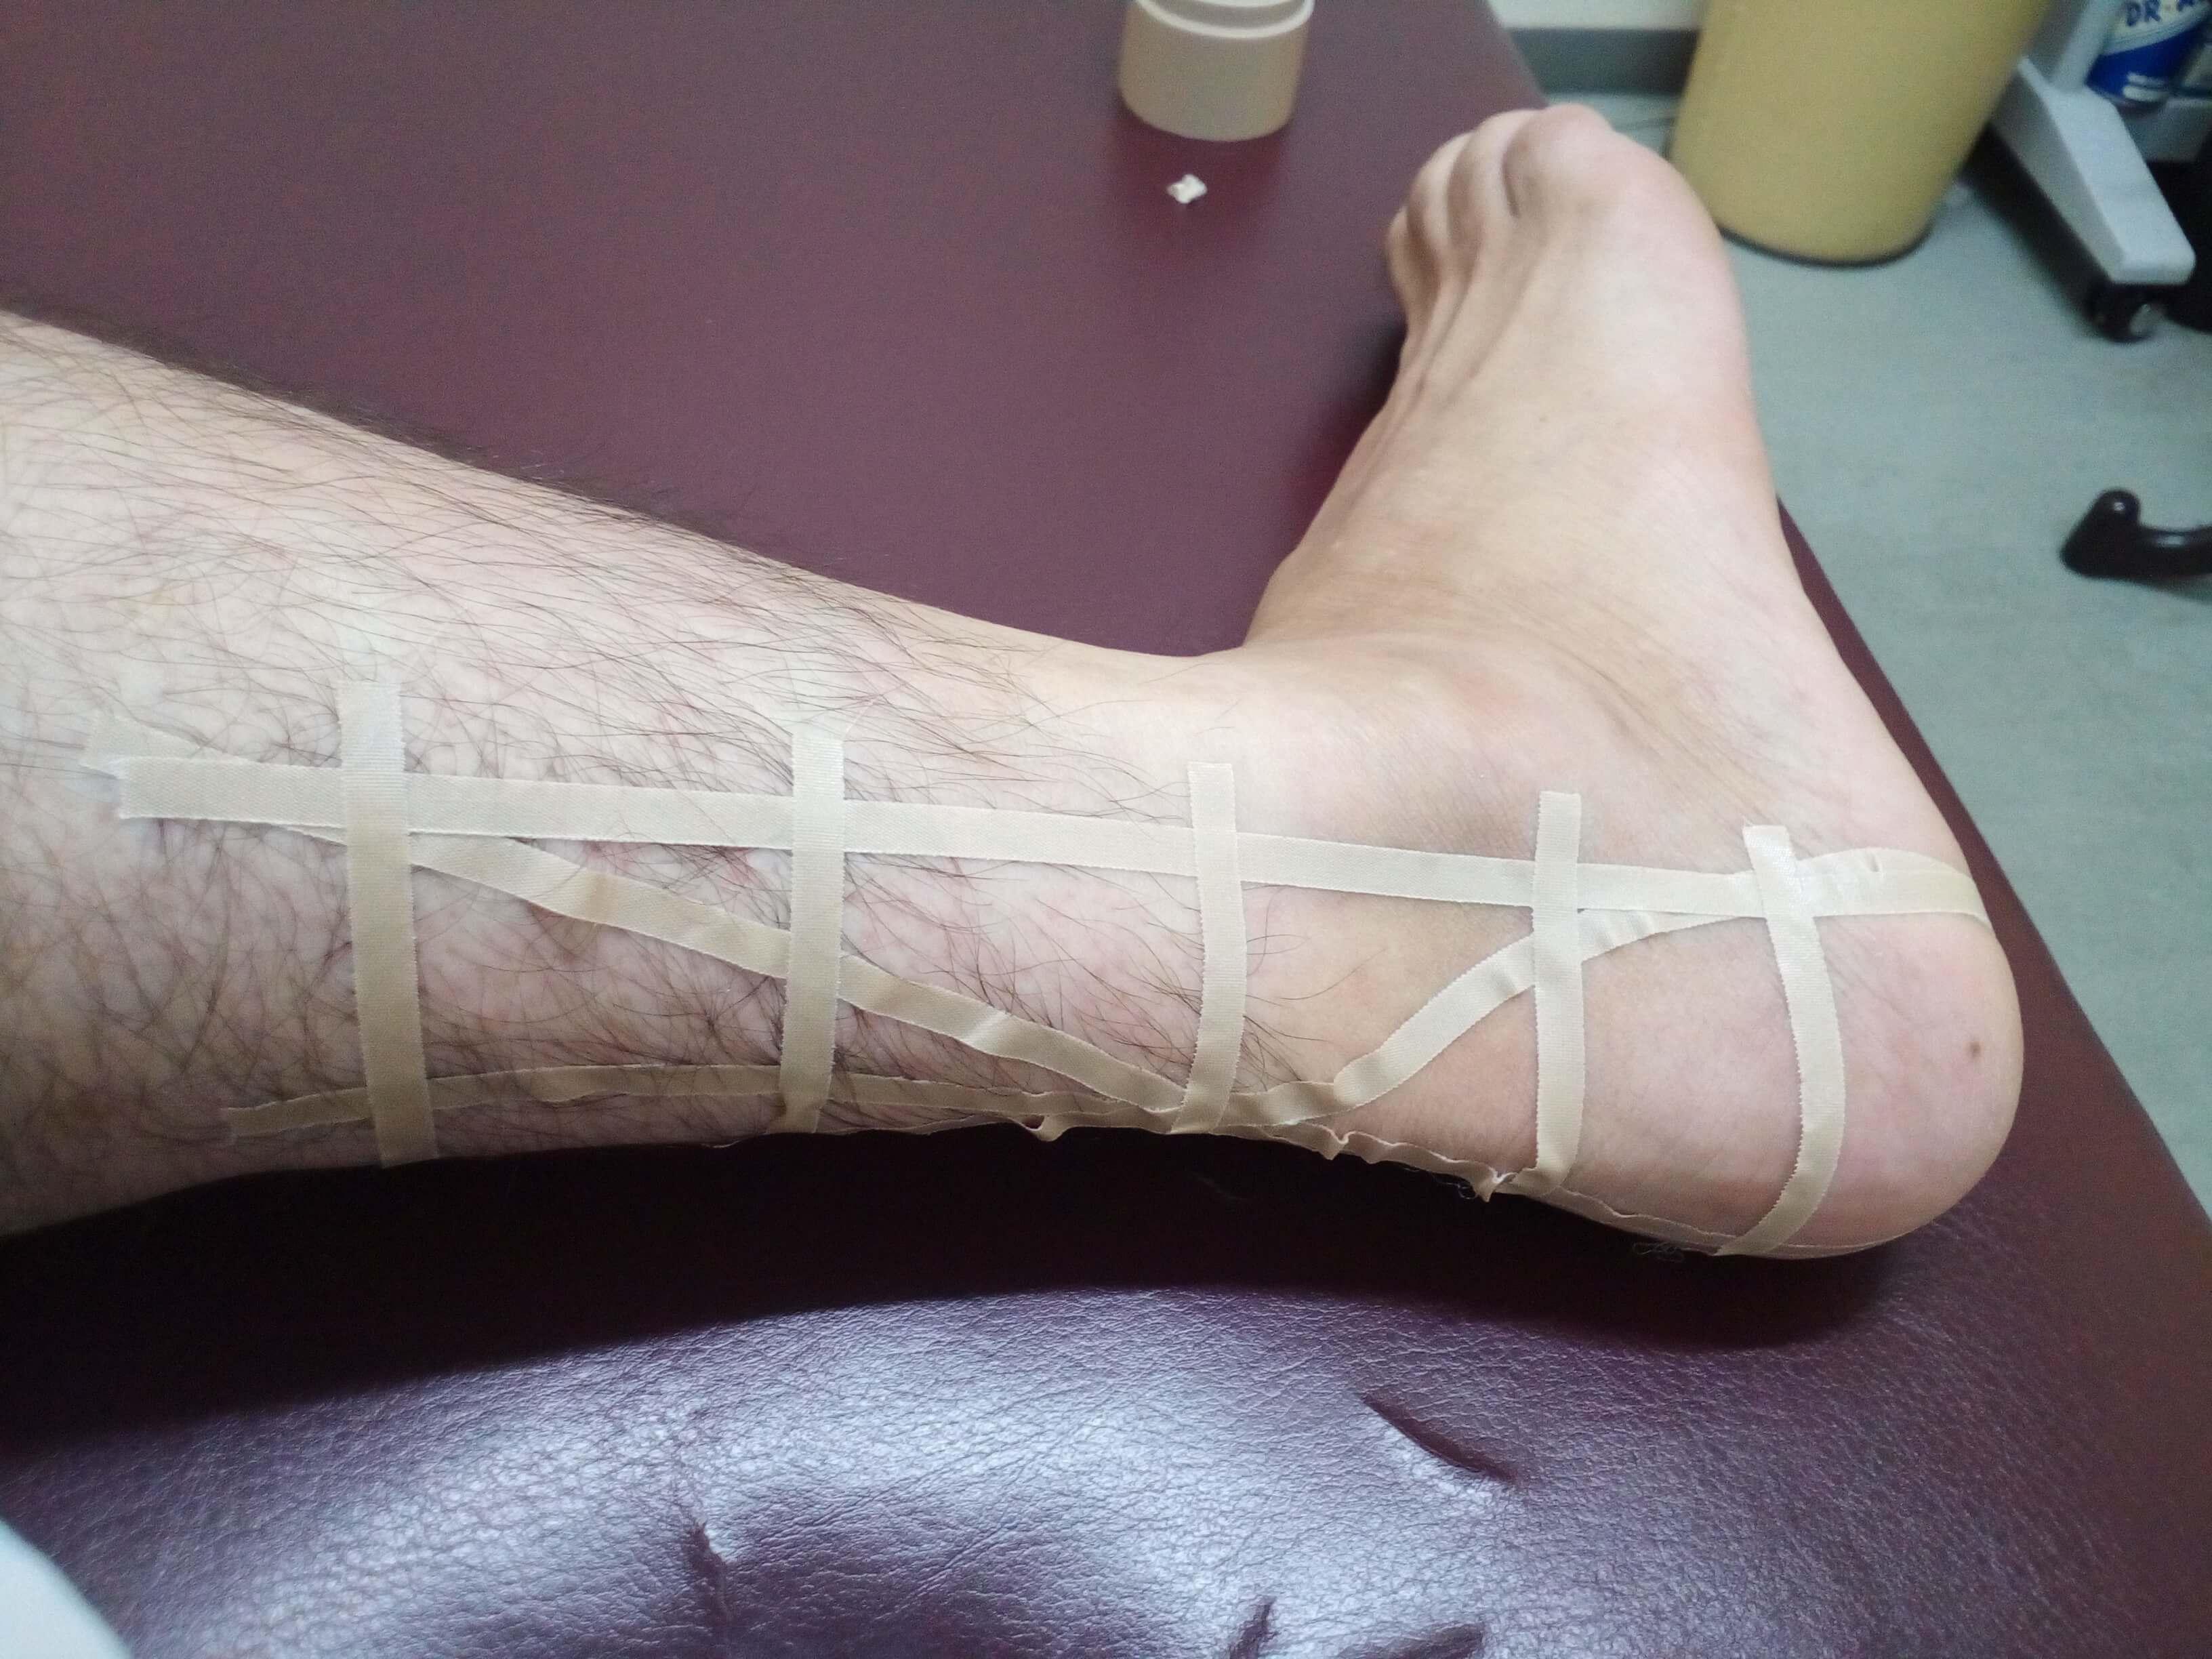 足関節捻挫、アキレス腱炎のテーピング